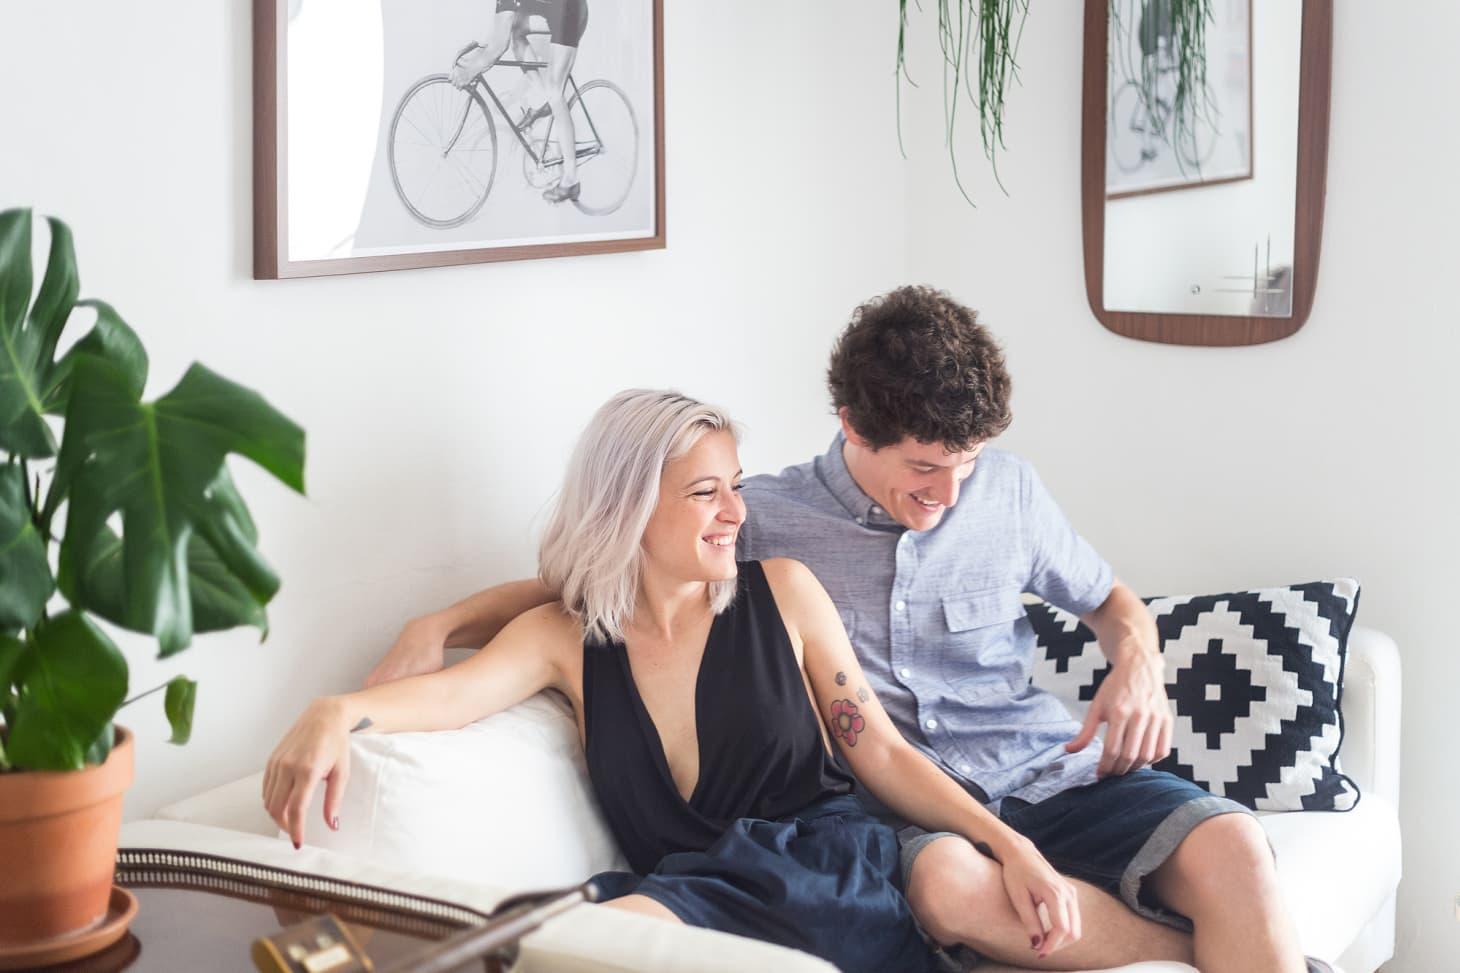 Russische Dating-Websites buzzfeed